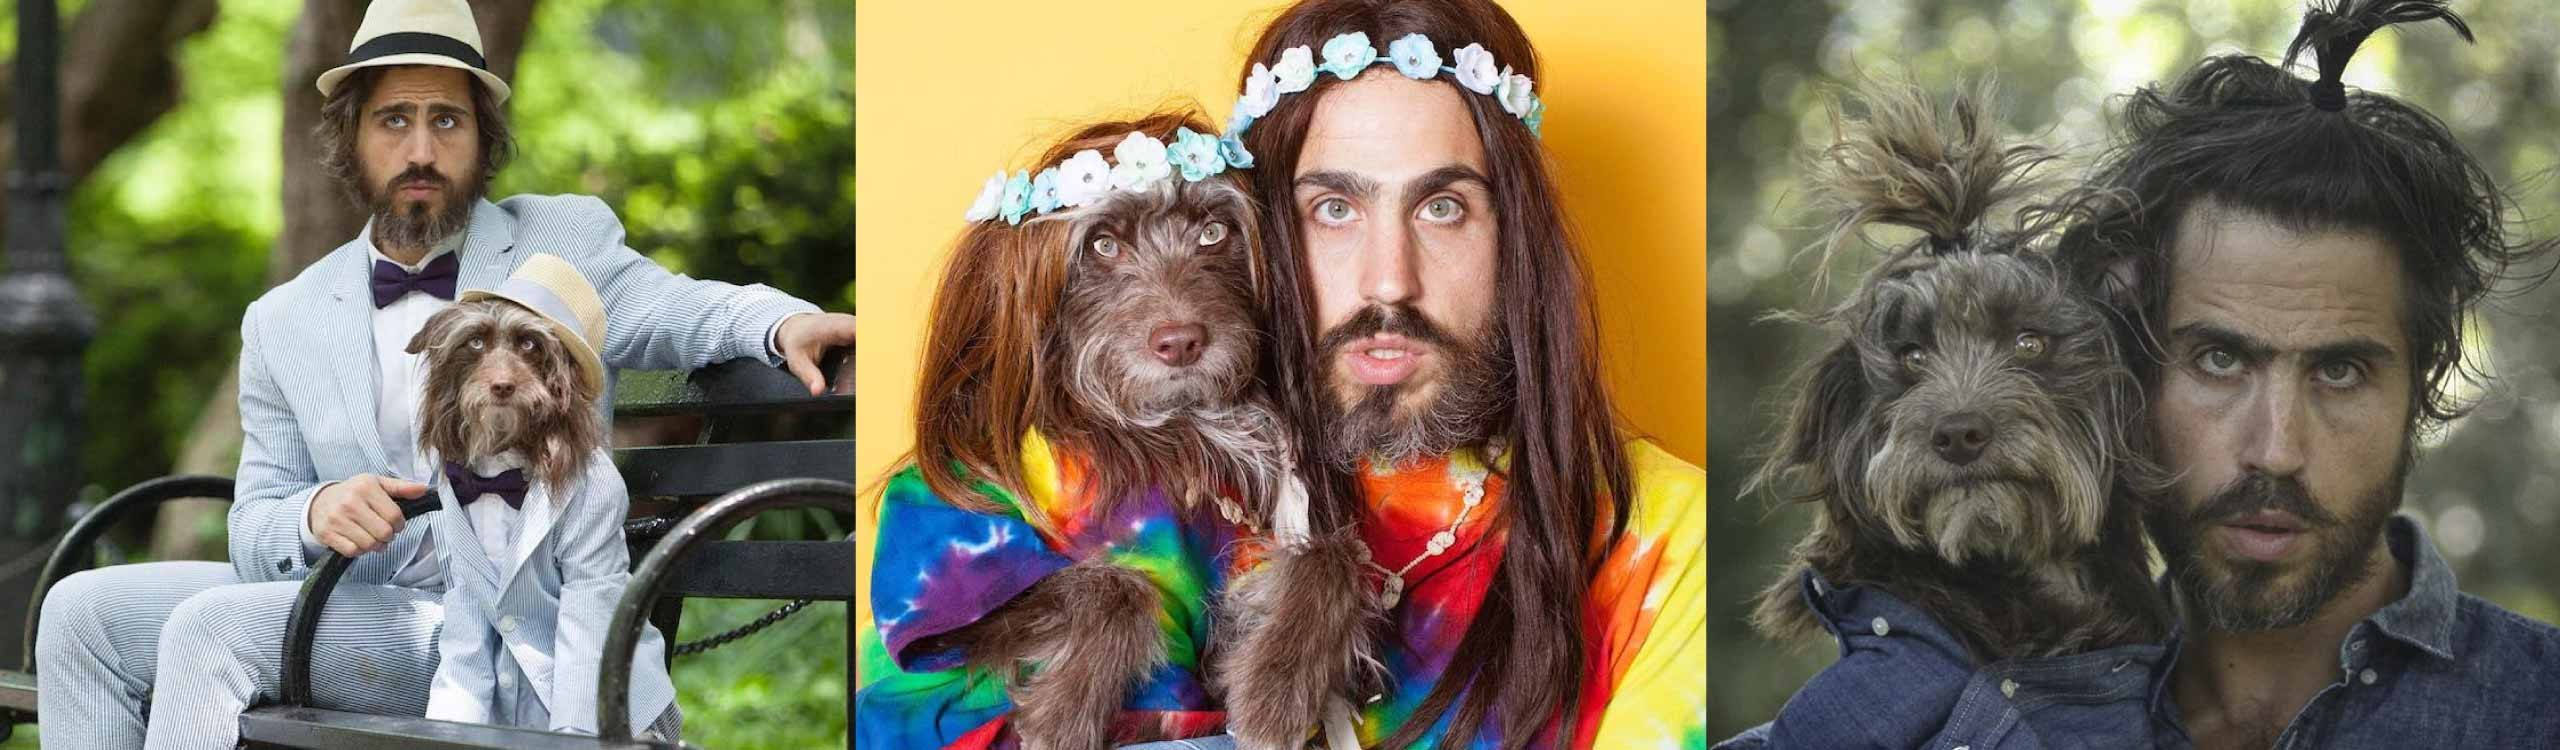 perros que se parecen a sus dueños, el perfil de instagram de topher brophy